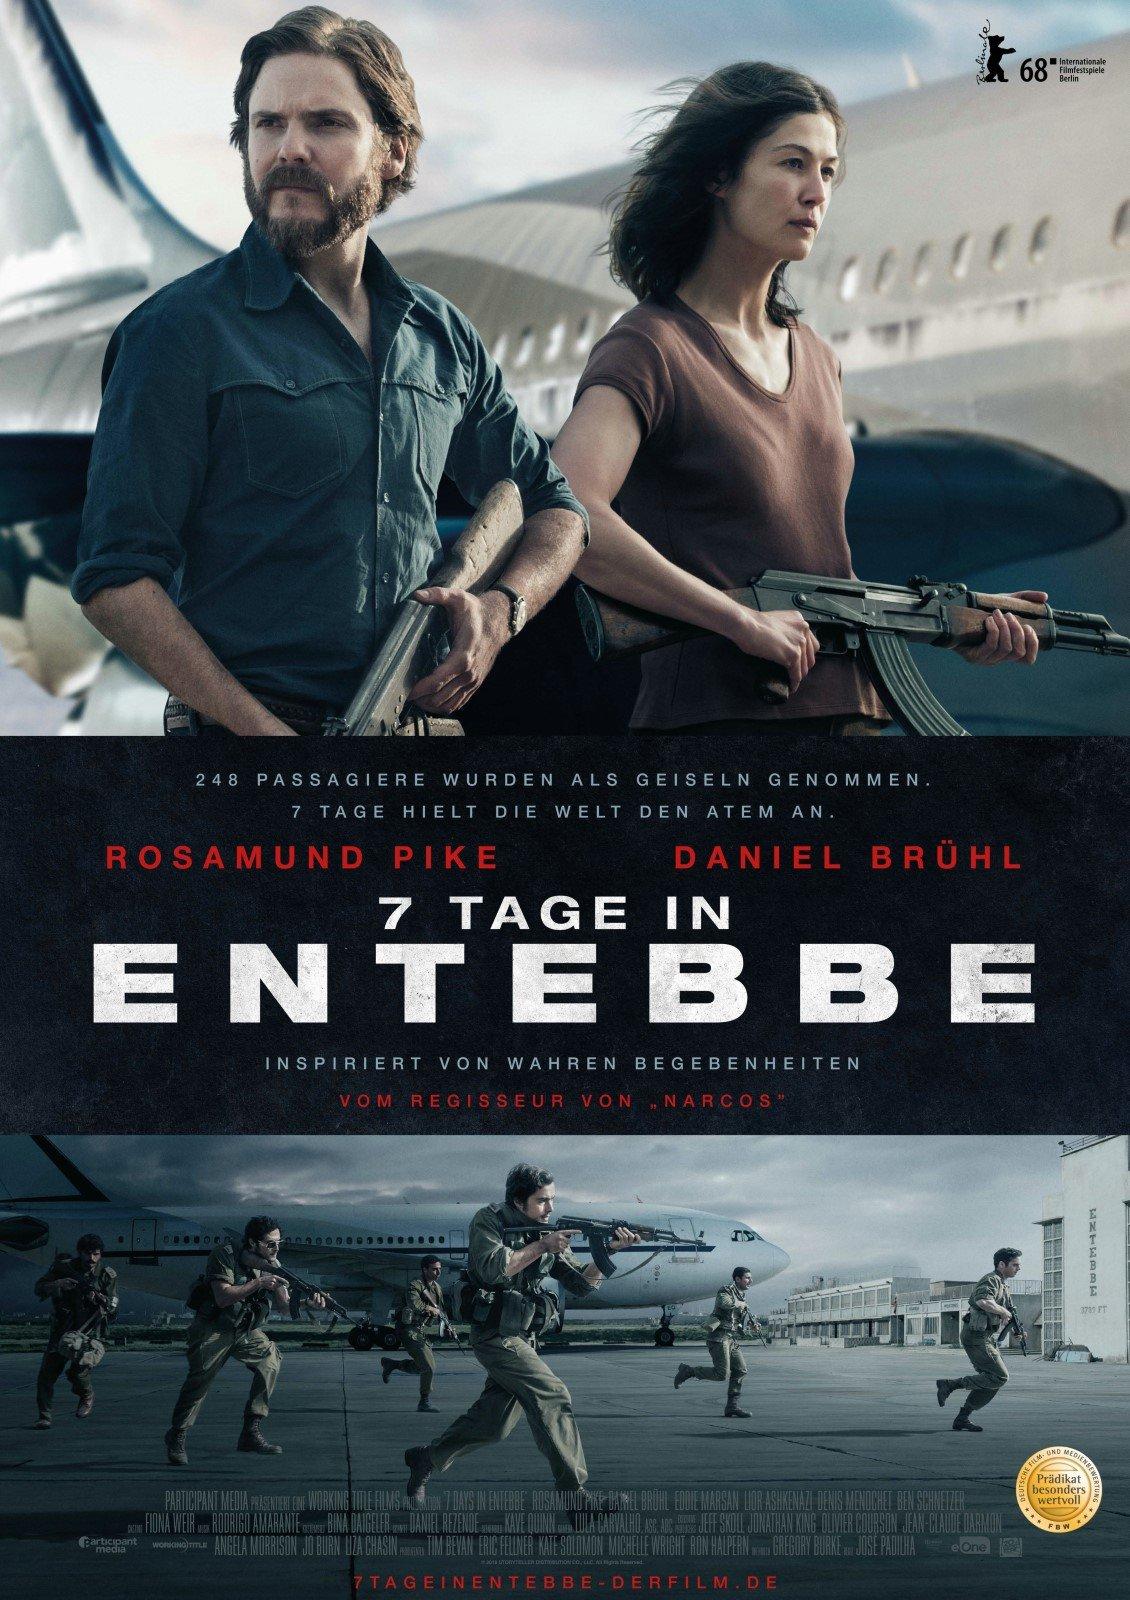 7 Tage in Entebbe - Film 2018 - FILMSTARTS.de  7 Tage in Enteb...